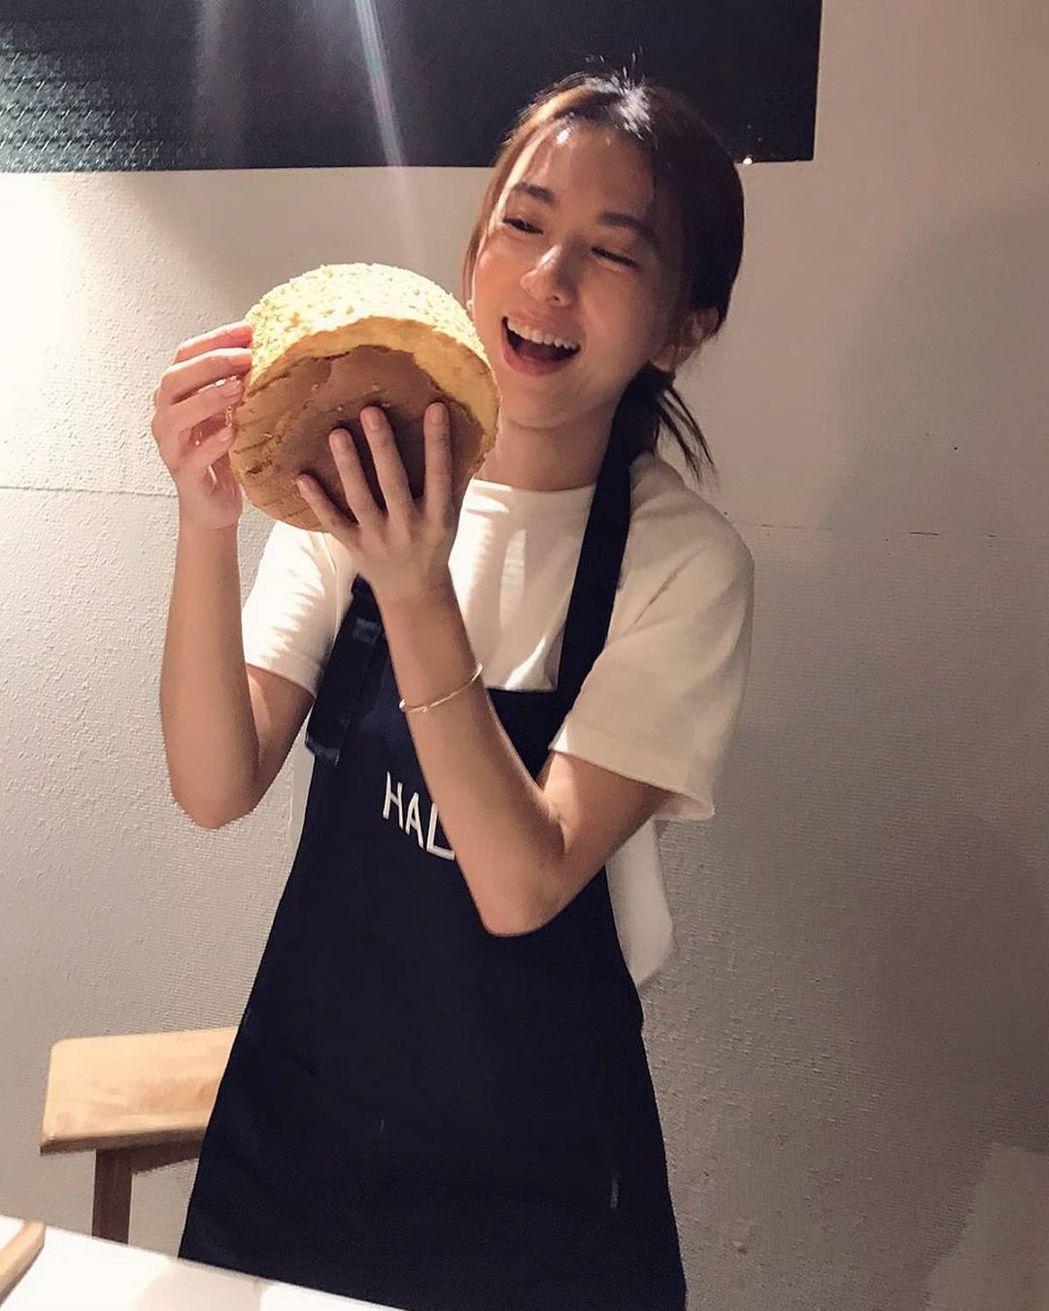 田馥甄終於圓夢學做蛋糕,笑虧自己是「土豪」風格。圖/摘自IG